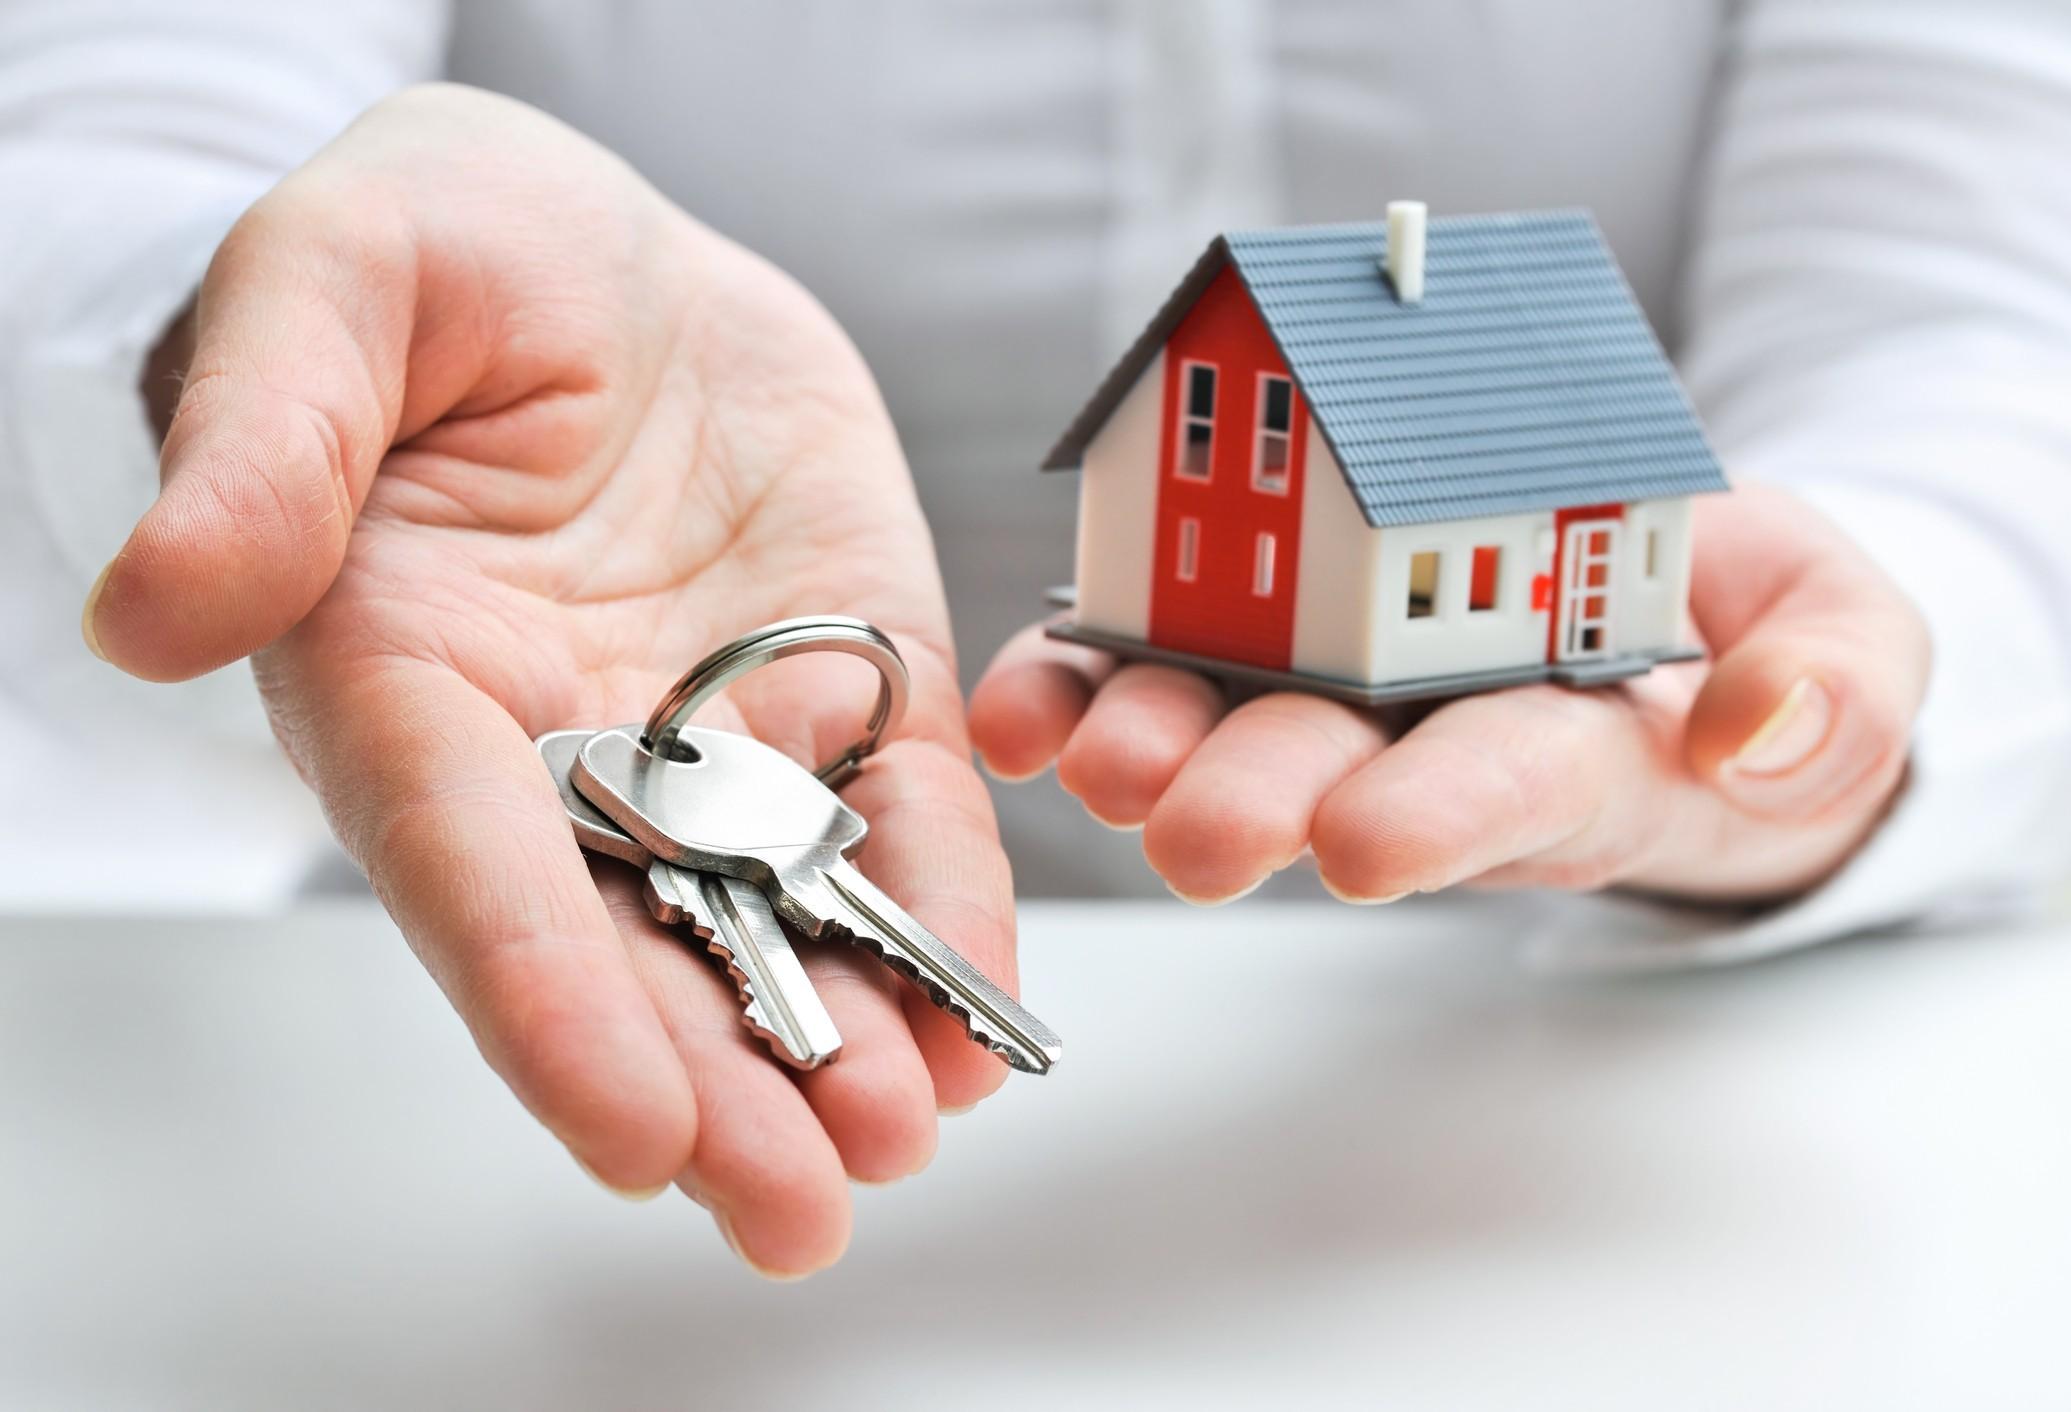 Casa própria: novas regras sobre o novo modelo de financiamento